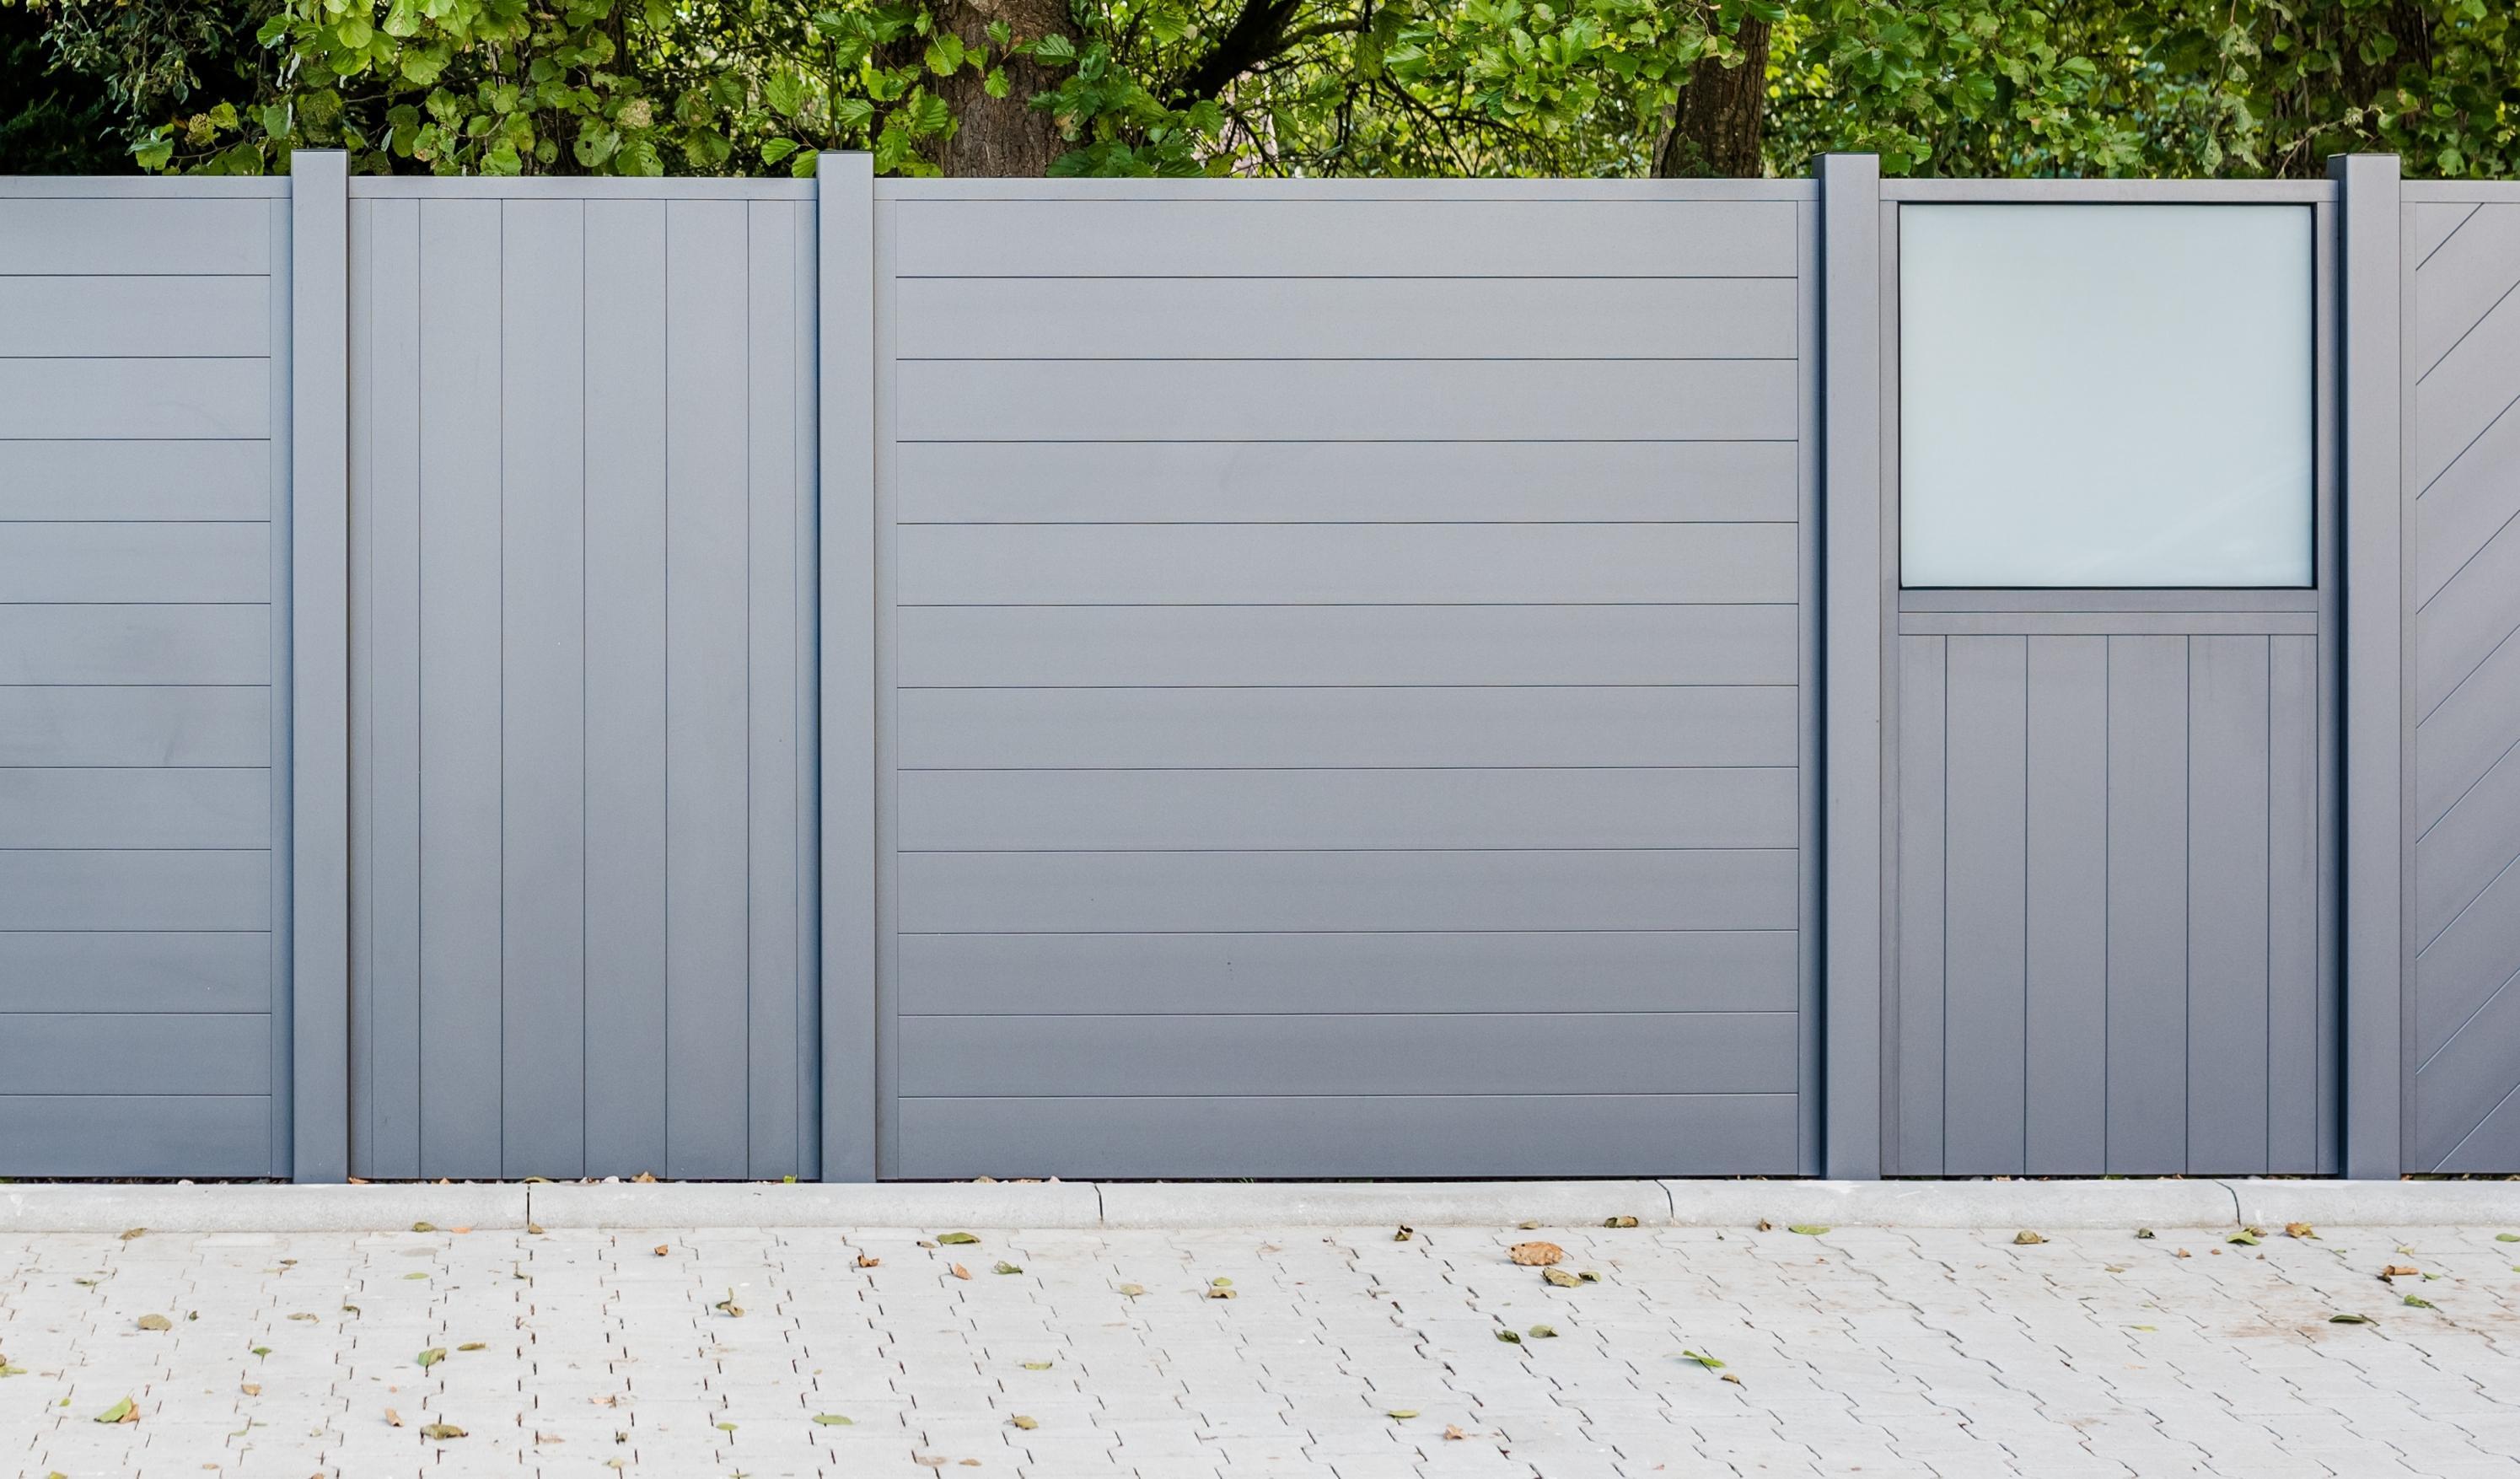 Neues System Vorgestellt Serie Sichtschutz Ts Aluminium